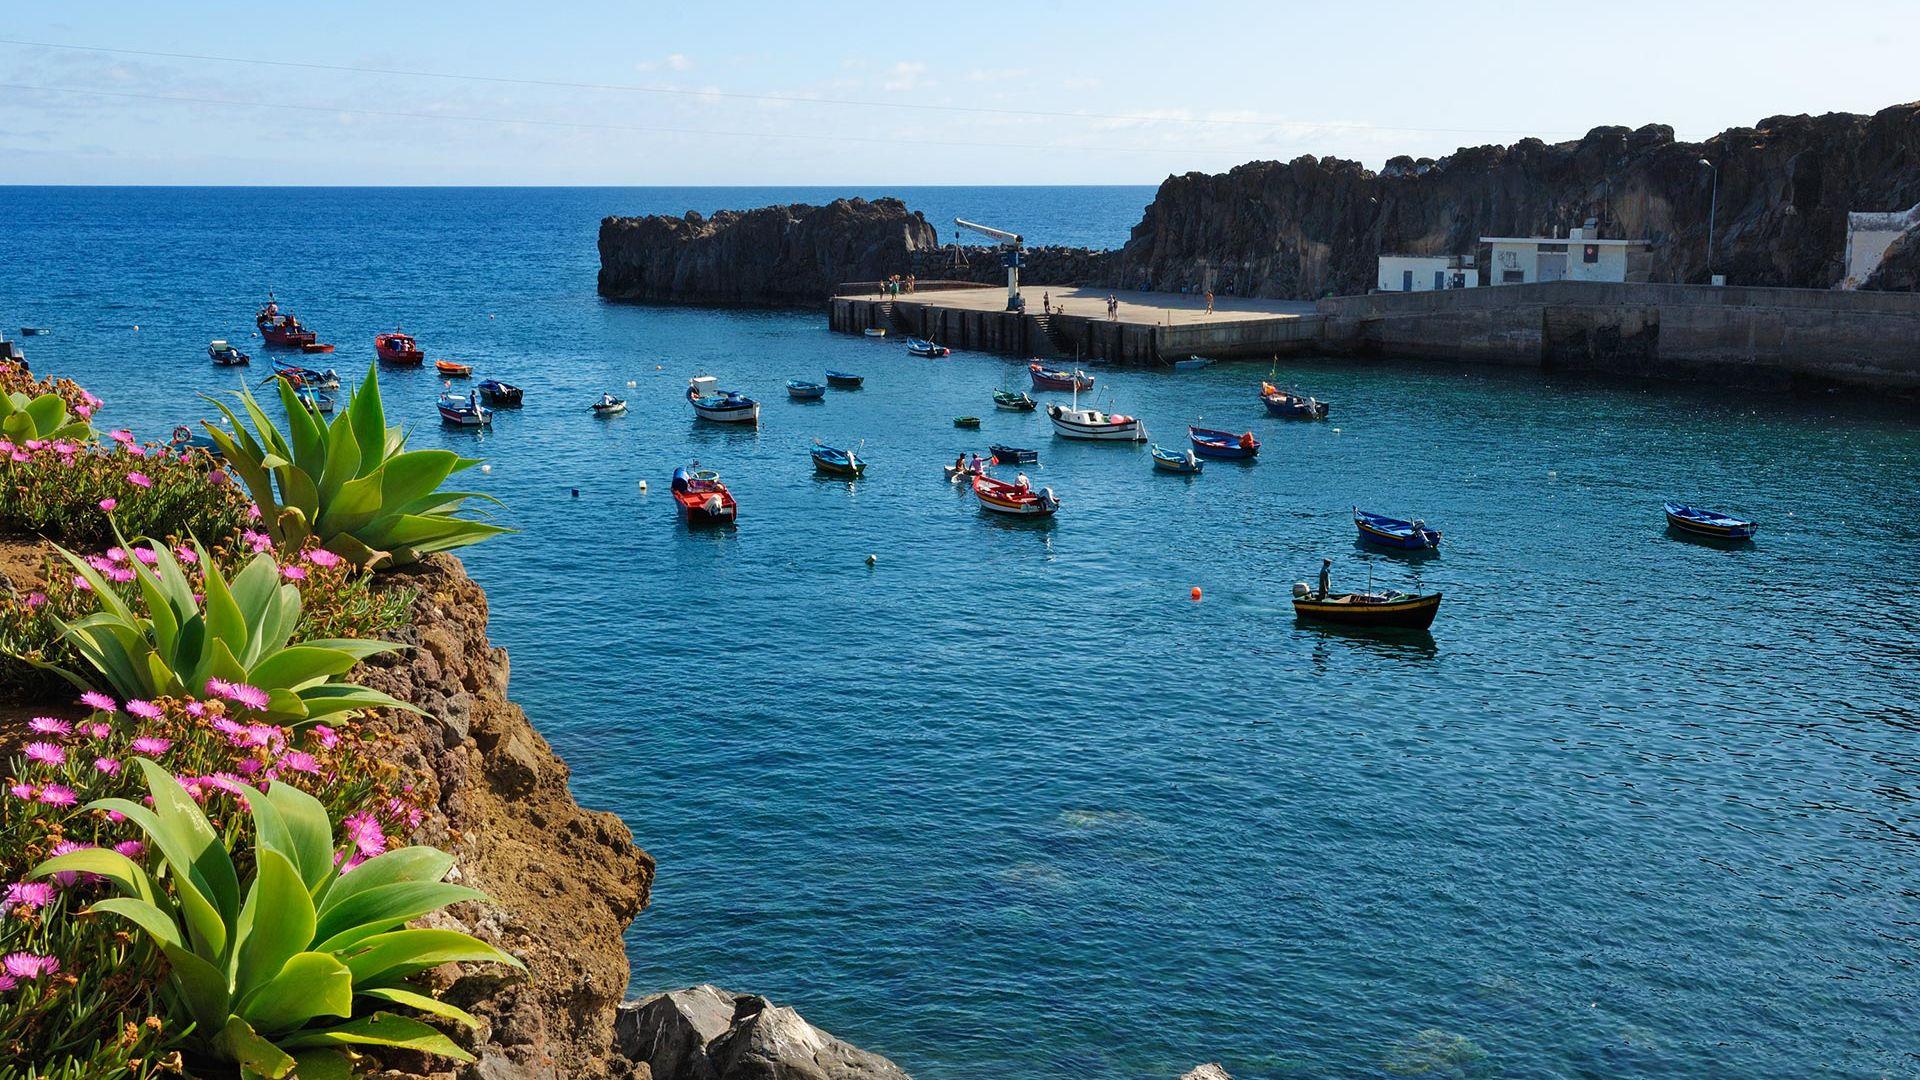 Best Deal TravelHubX - Sejur Casa da Belita Three Bedroom Villa Sea View Madeira, 8 zile - 11 septembrie 2021